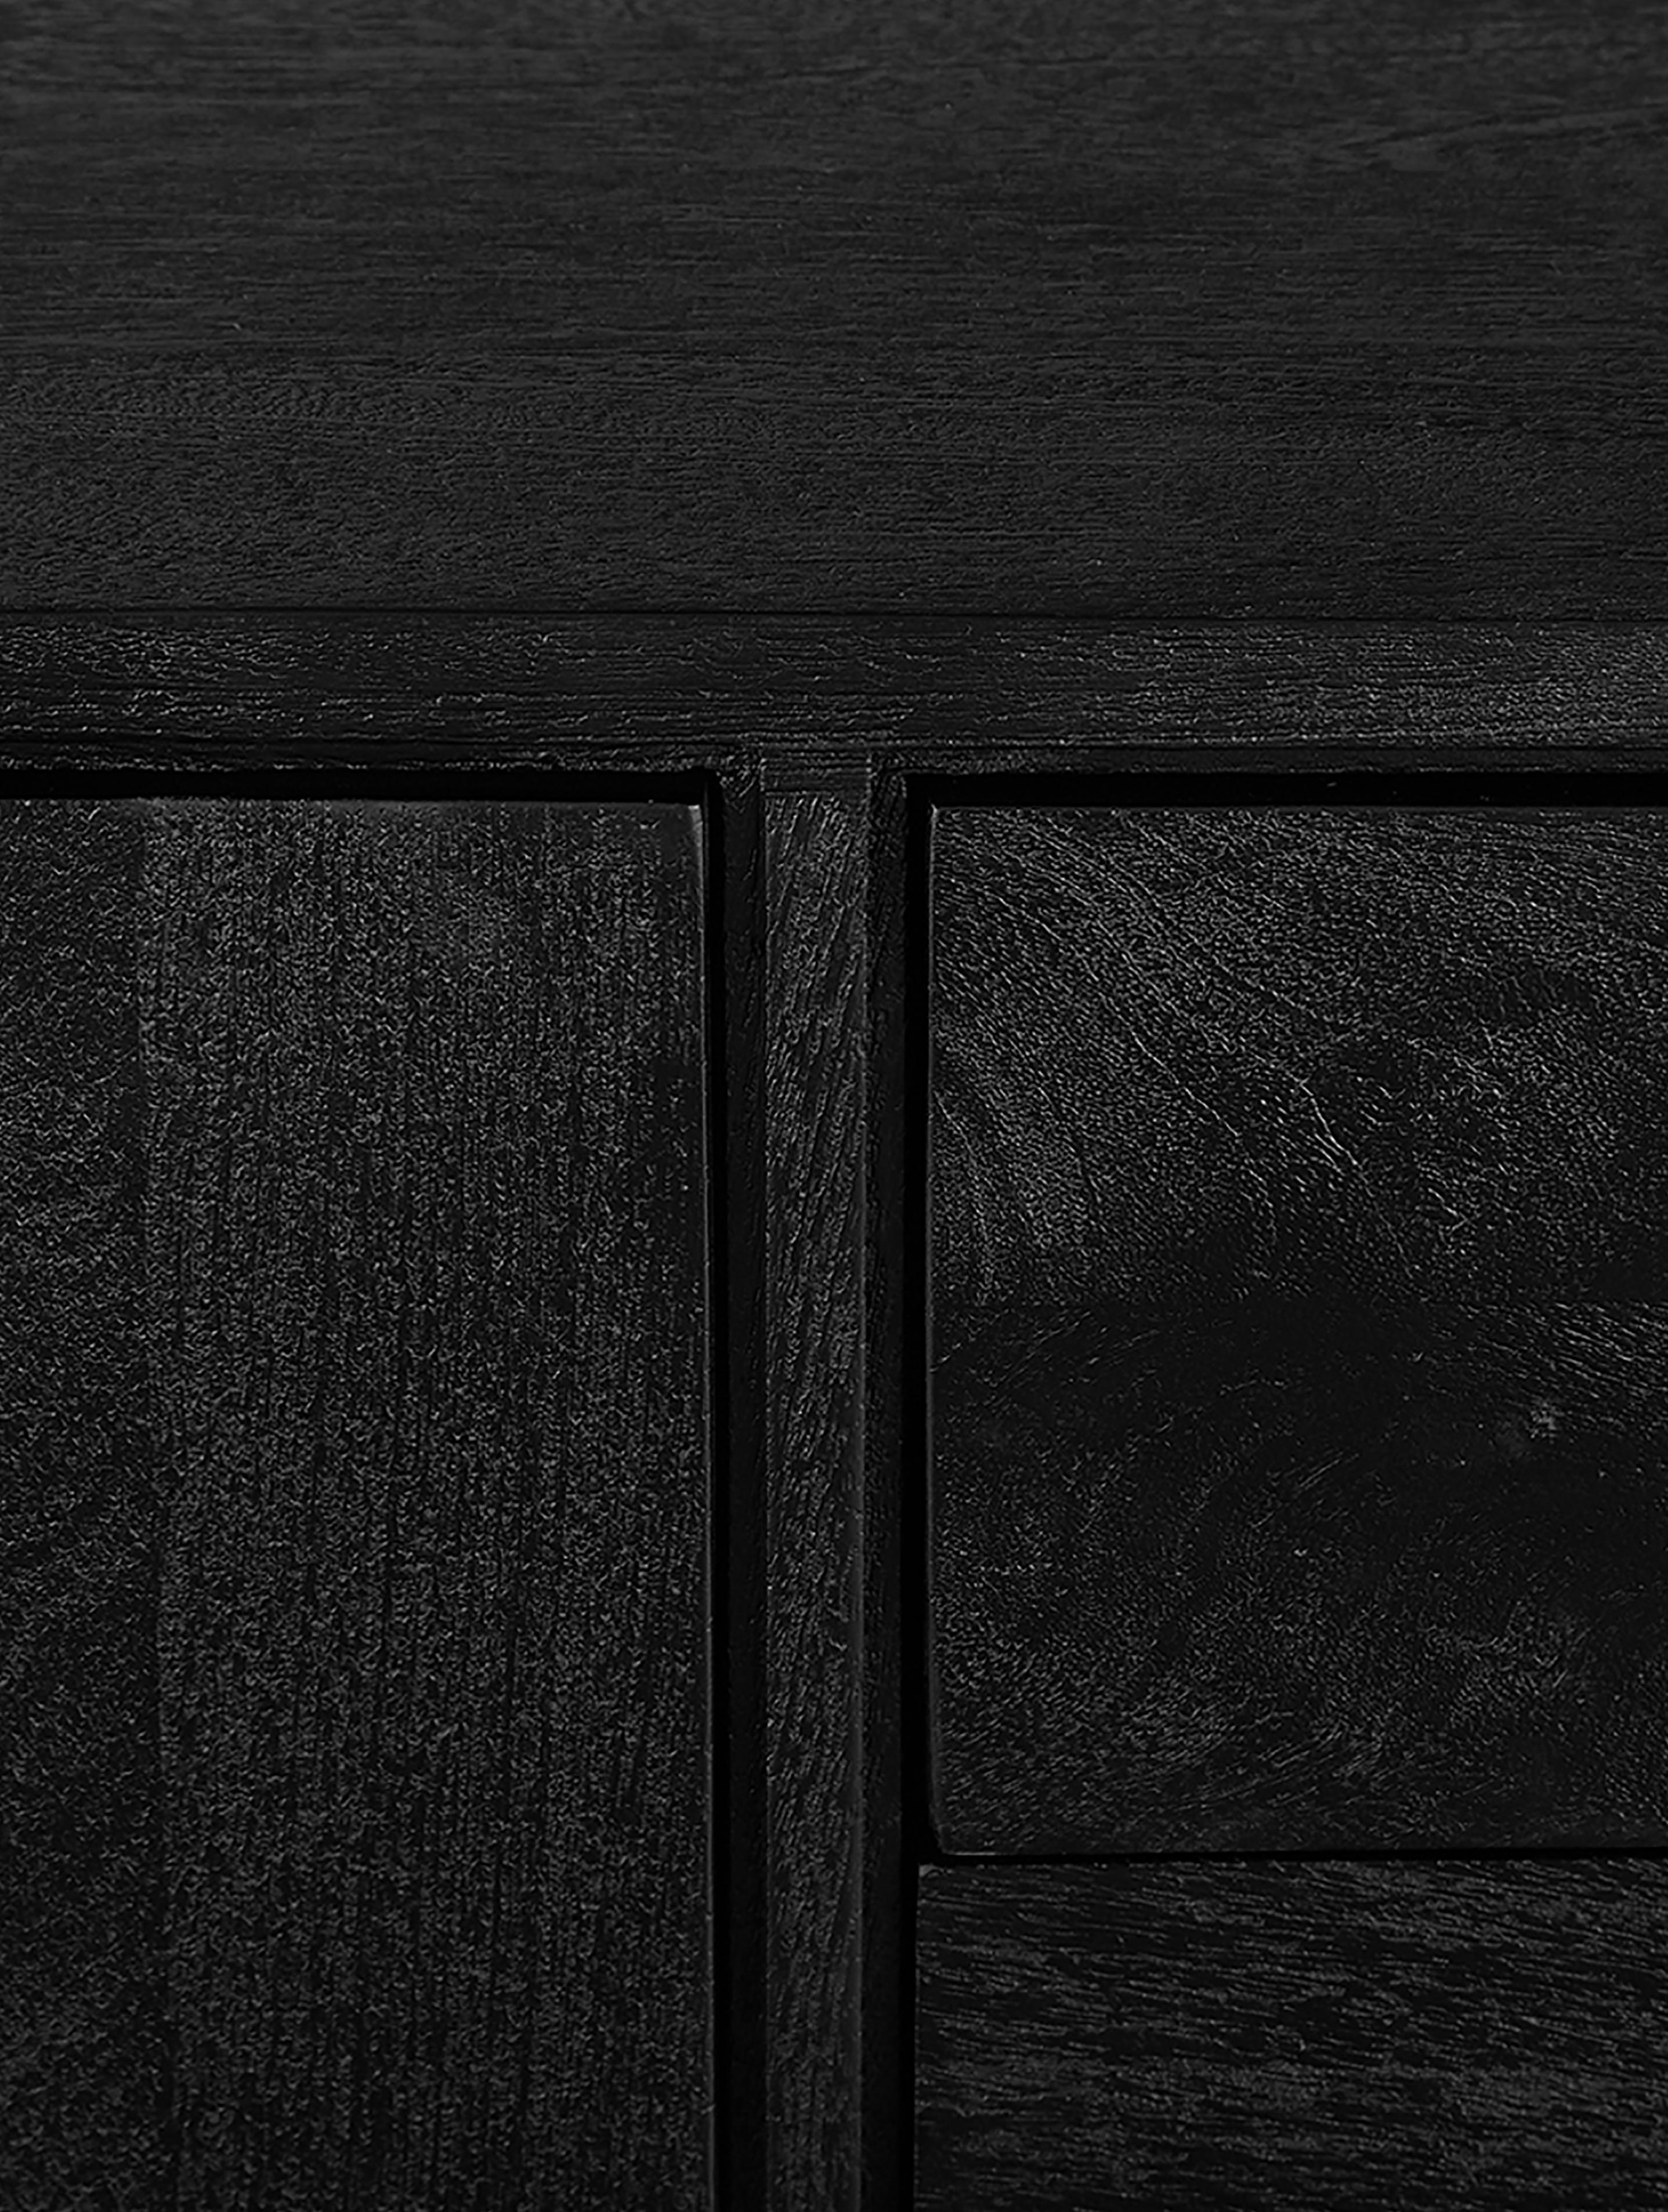 Szafka niska z litego drewna Luca, Korpus: lite drewno mangowe, szcz, Stelaż: metal malowany proszkowo, Korpus: czarny, lakierowany Stelaż: czarny, matowy, S 180 x W 54 cm